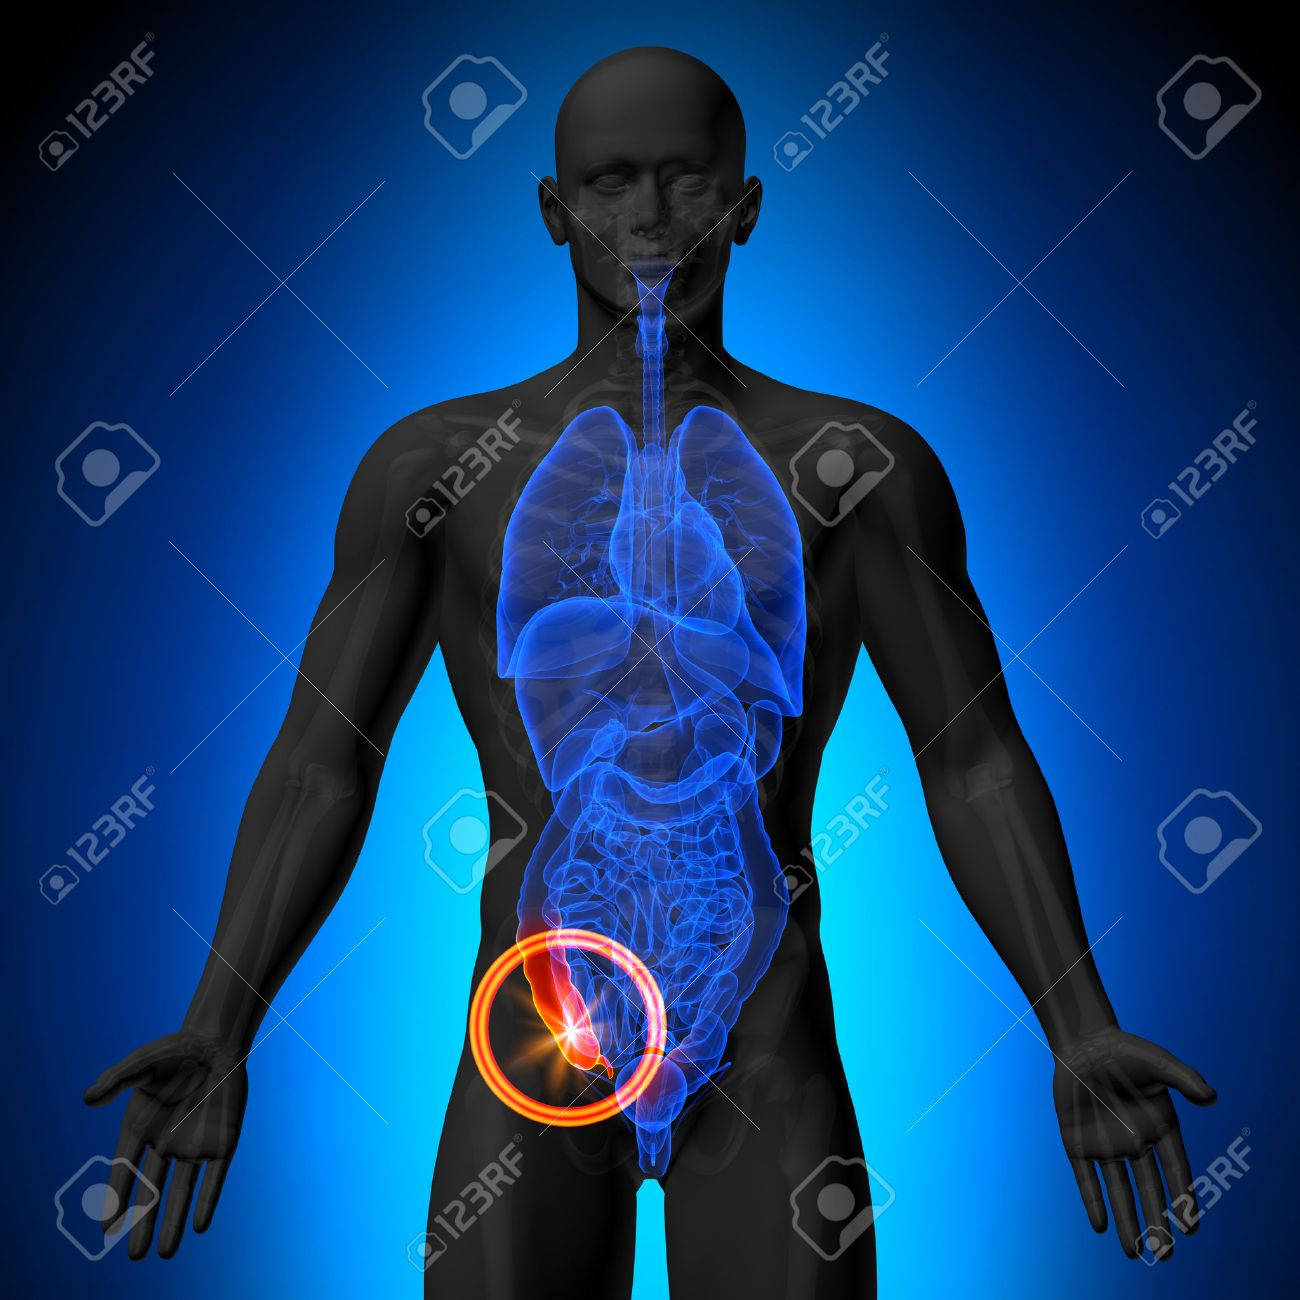 Anhang - Männliche Anatomie Des Menschlichen Organen - X-ray-Ansicht ...